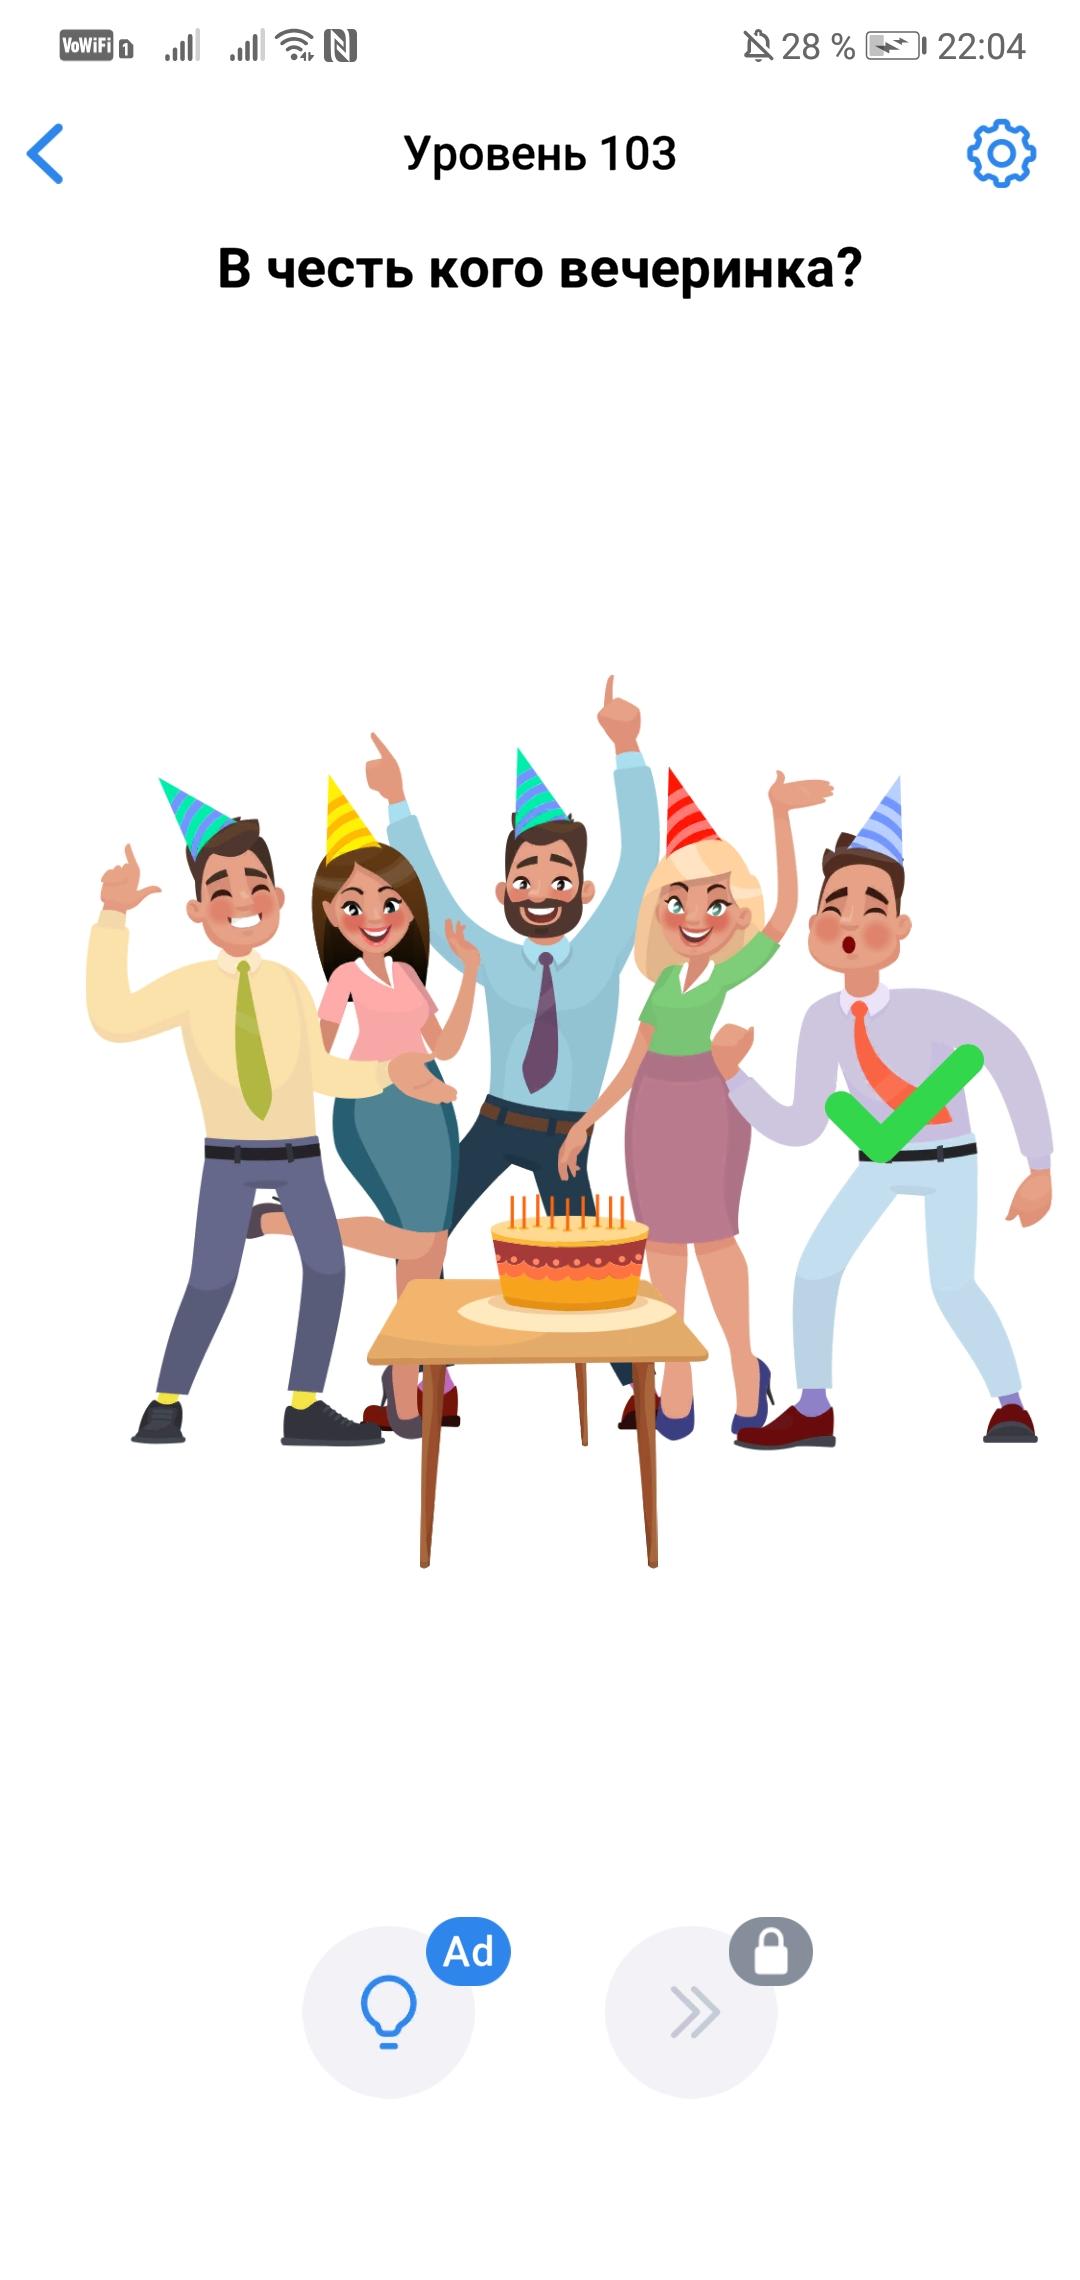 Easy Game - 103 уровень - В честь кого вечеринка?